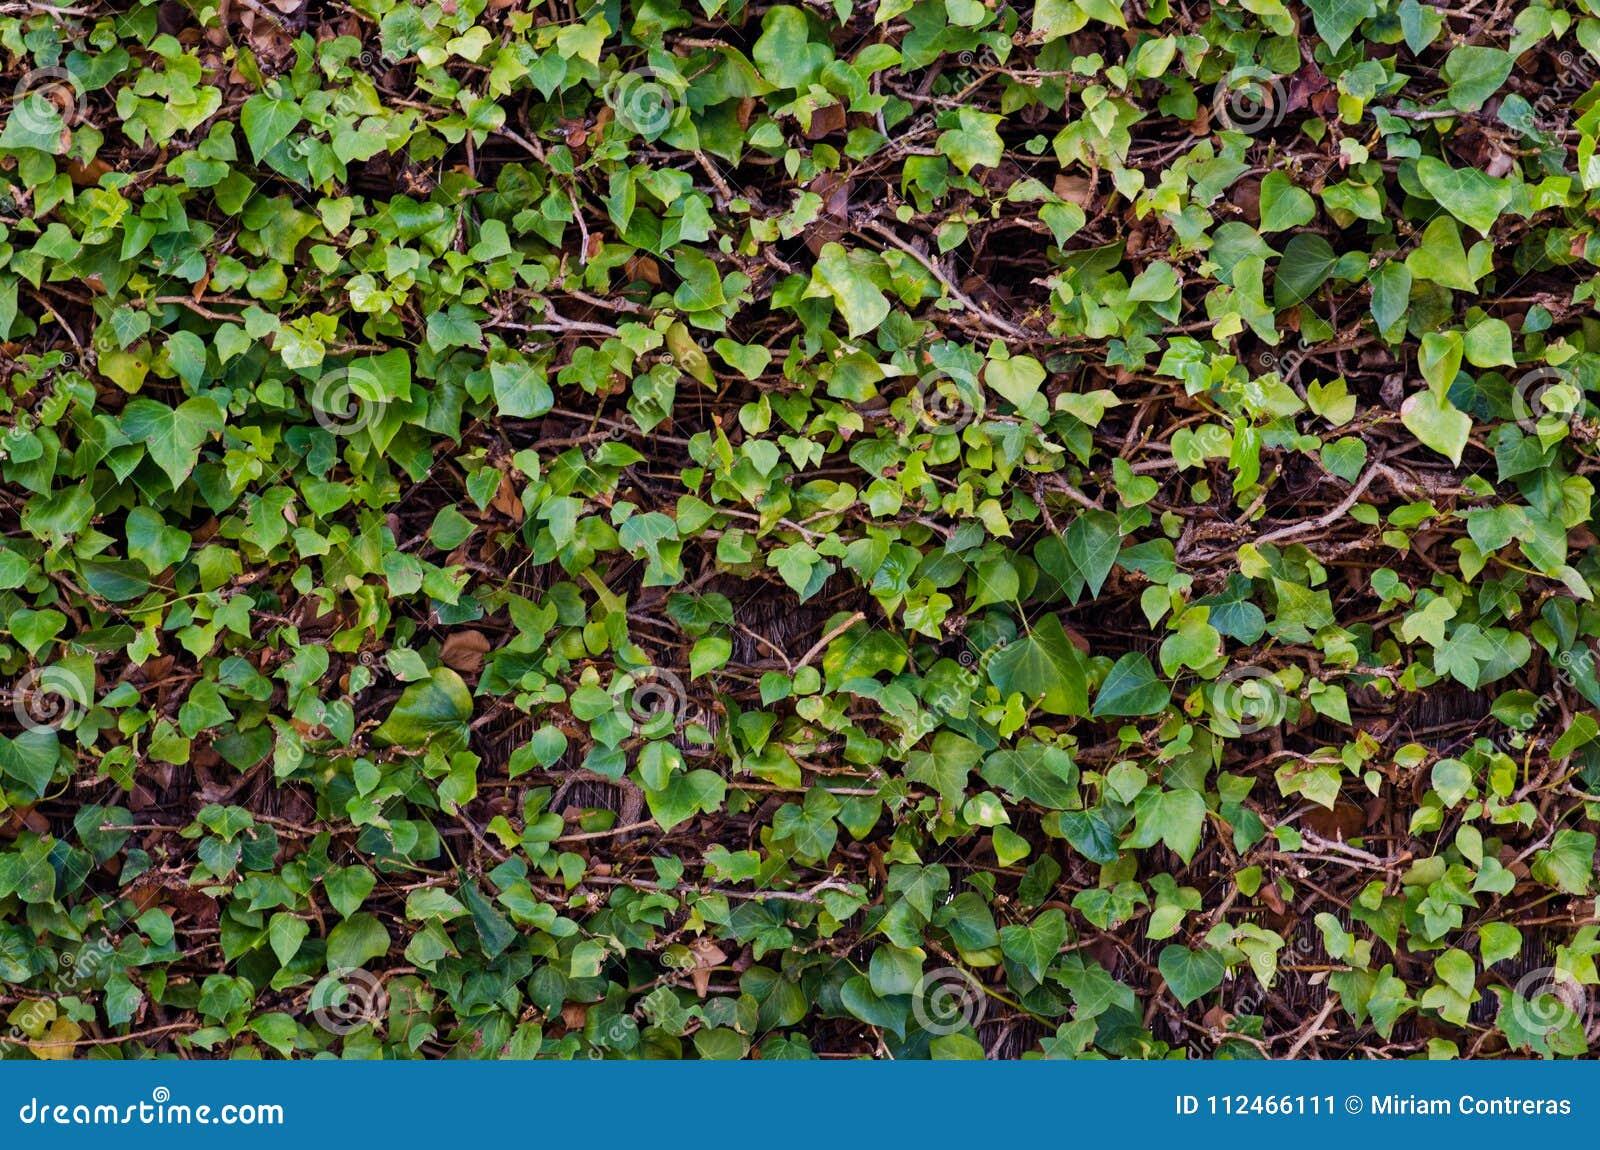 Fotografie von Reben eines Hintergrundes mit grünen Blättern